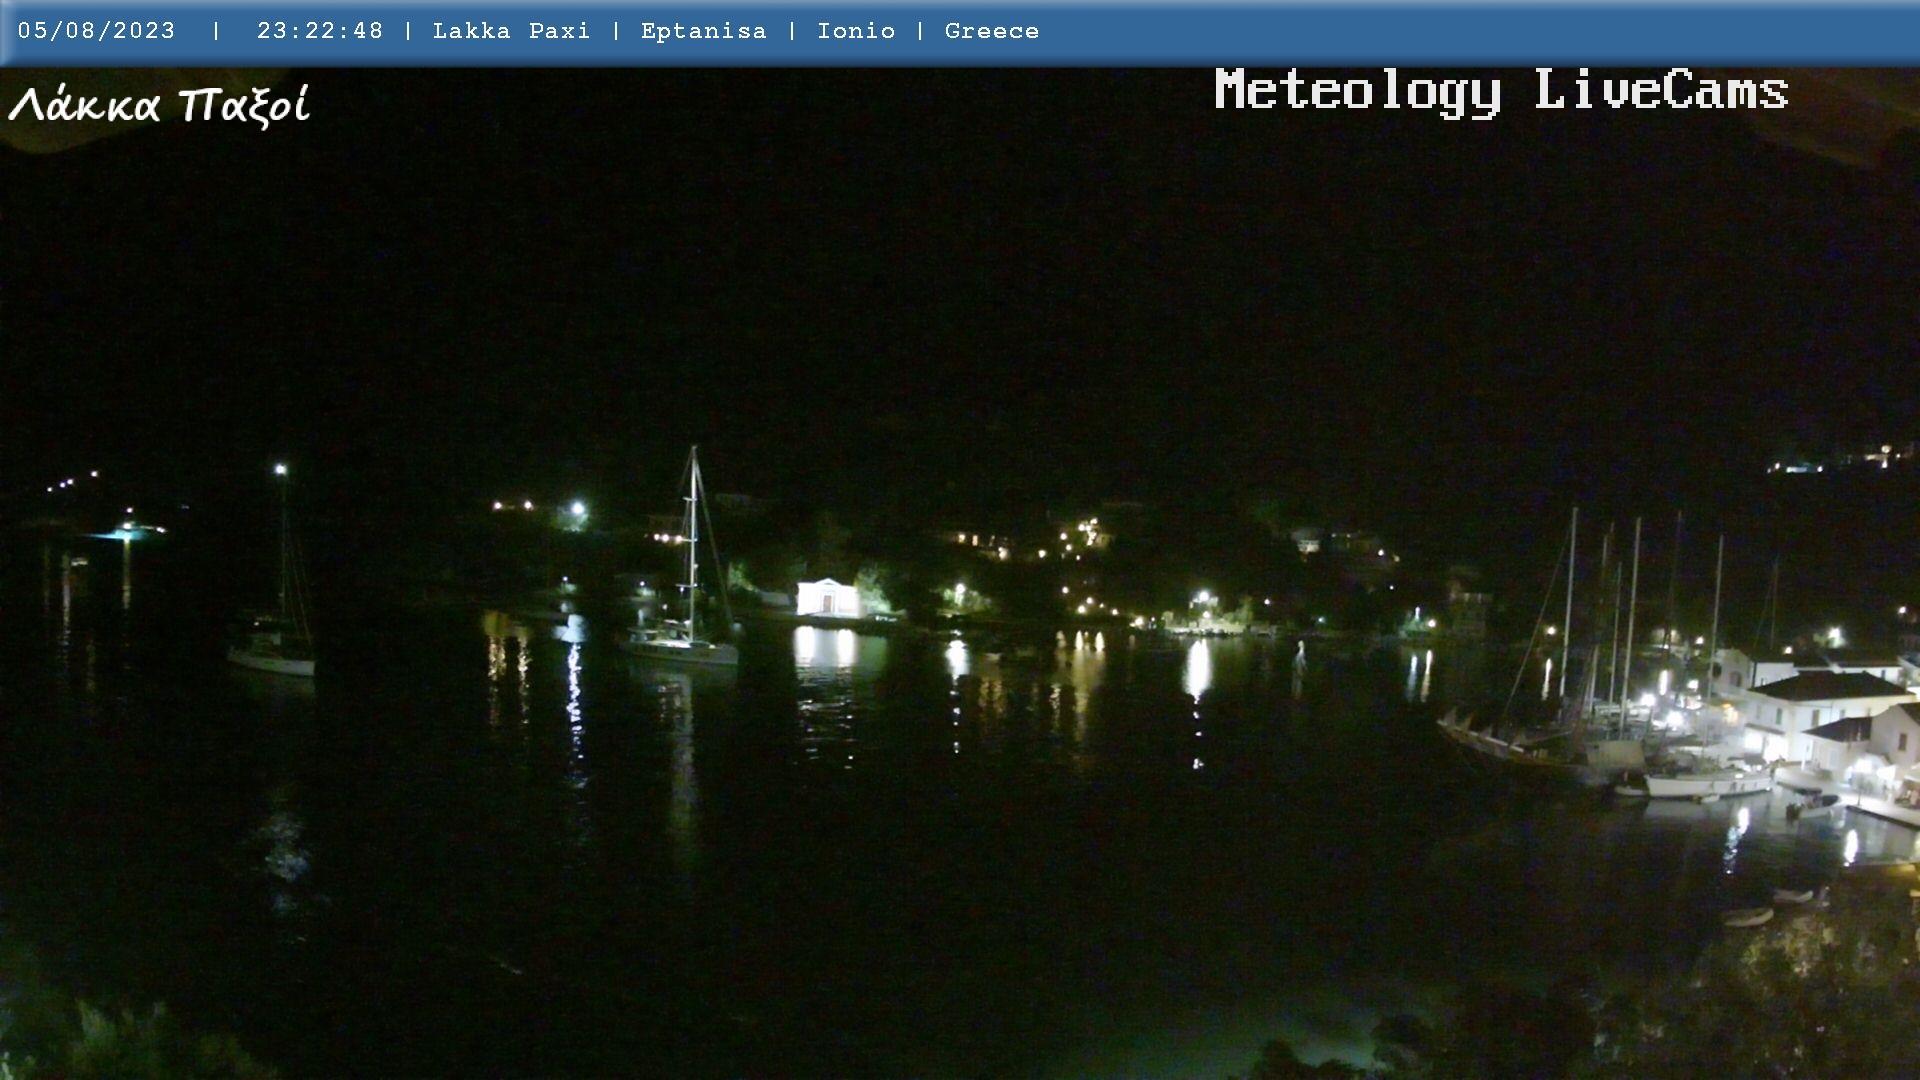 Webcam Παξοί - Λάκκα